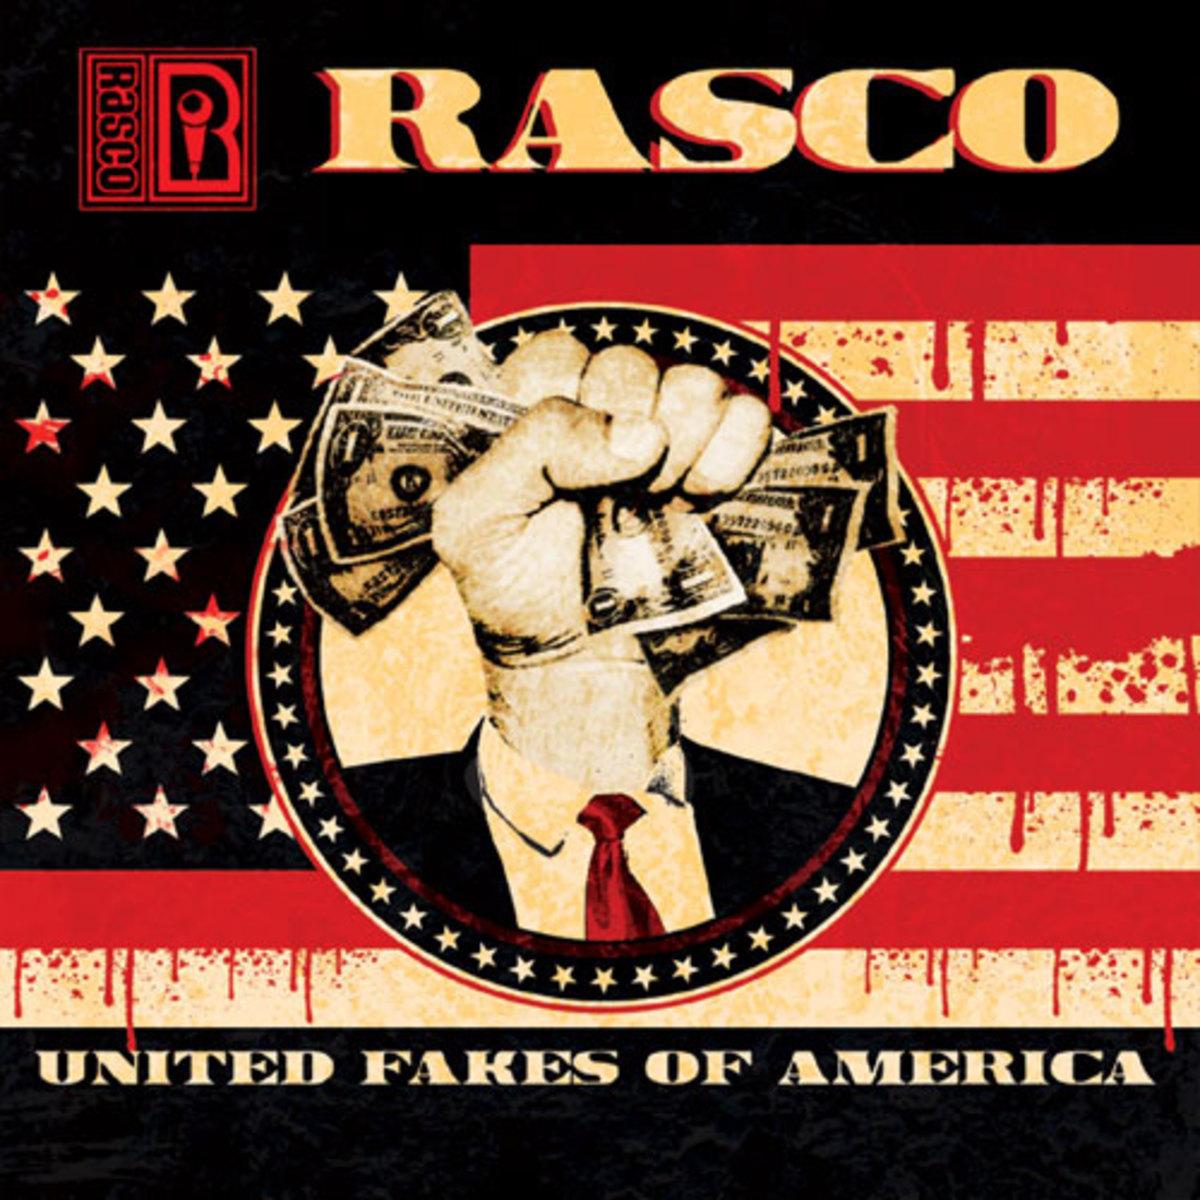 rasco-unitedfakes.jpg